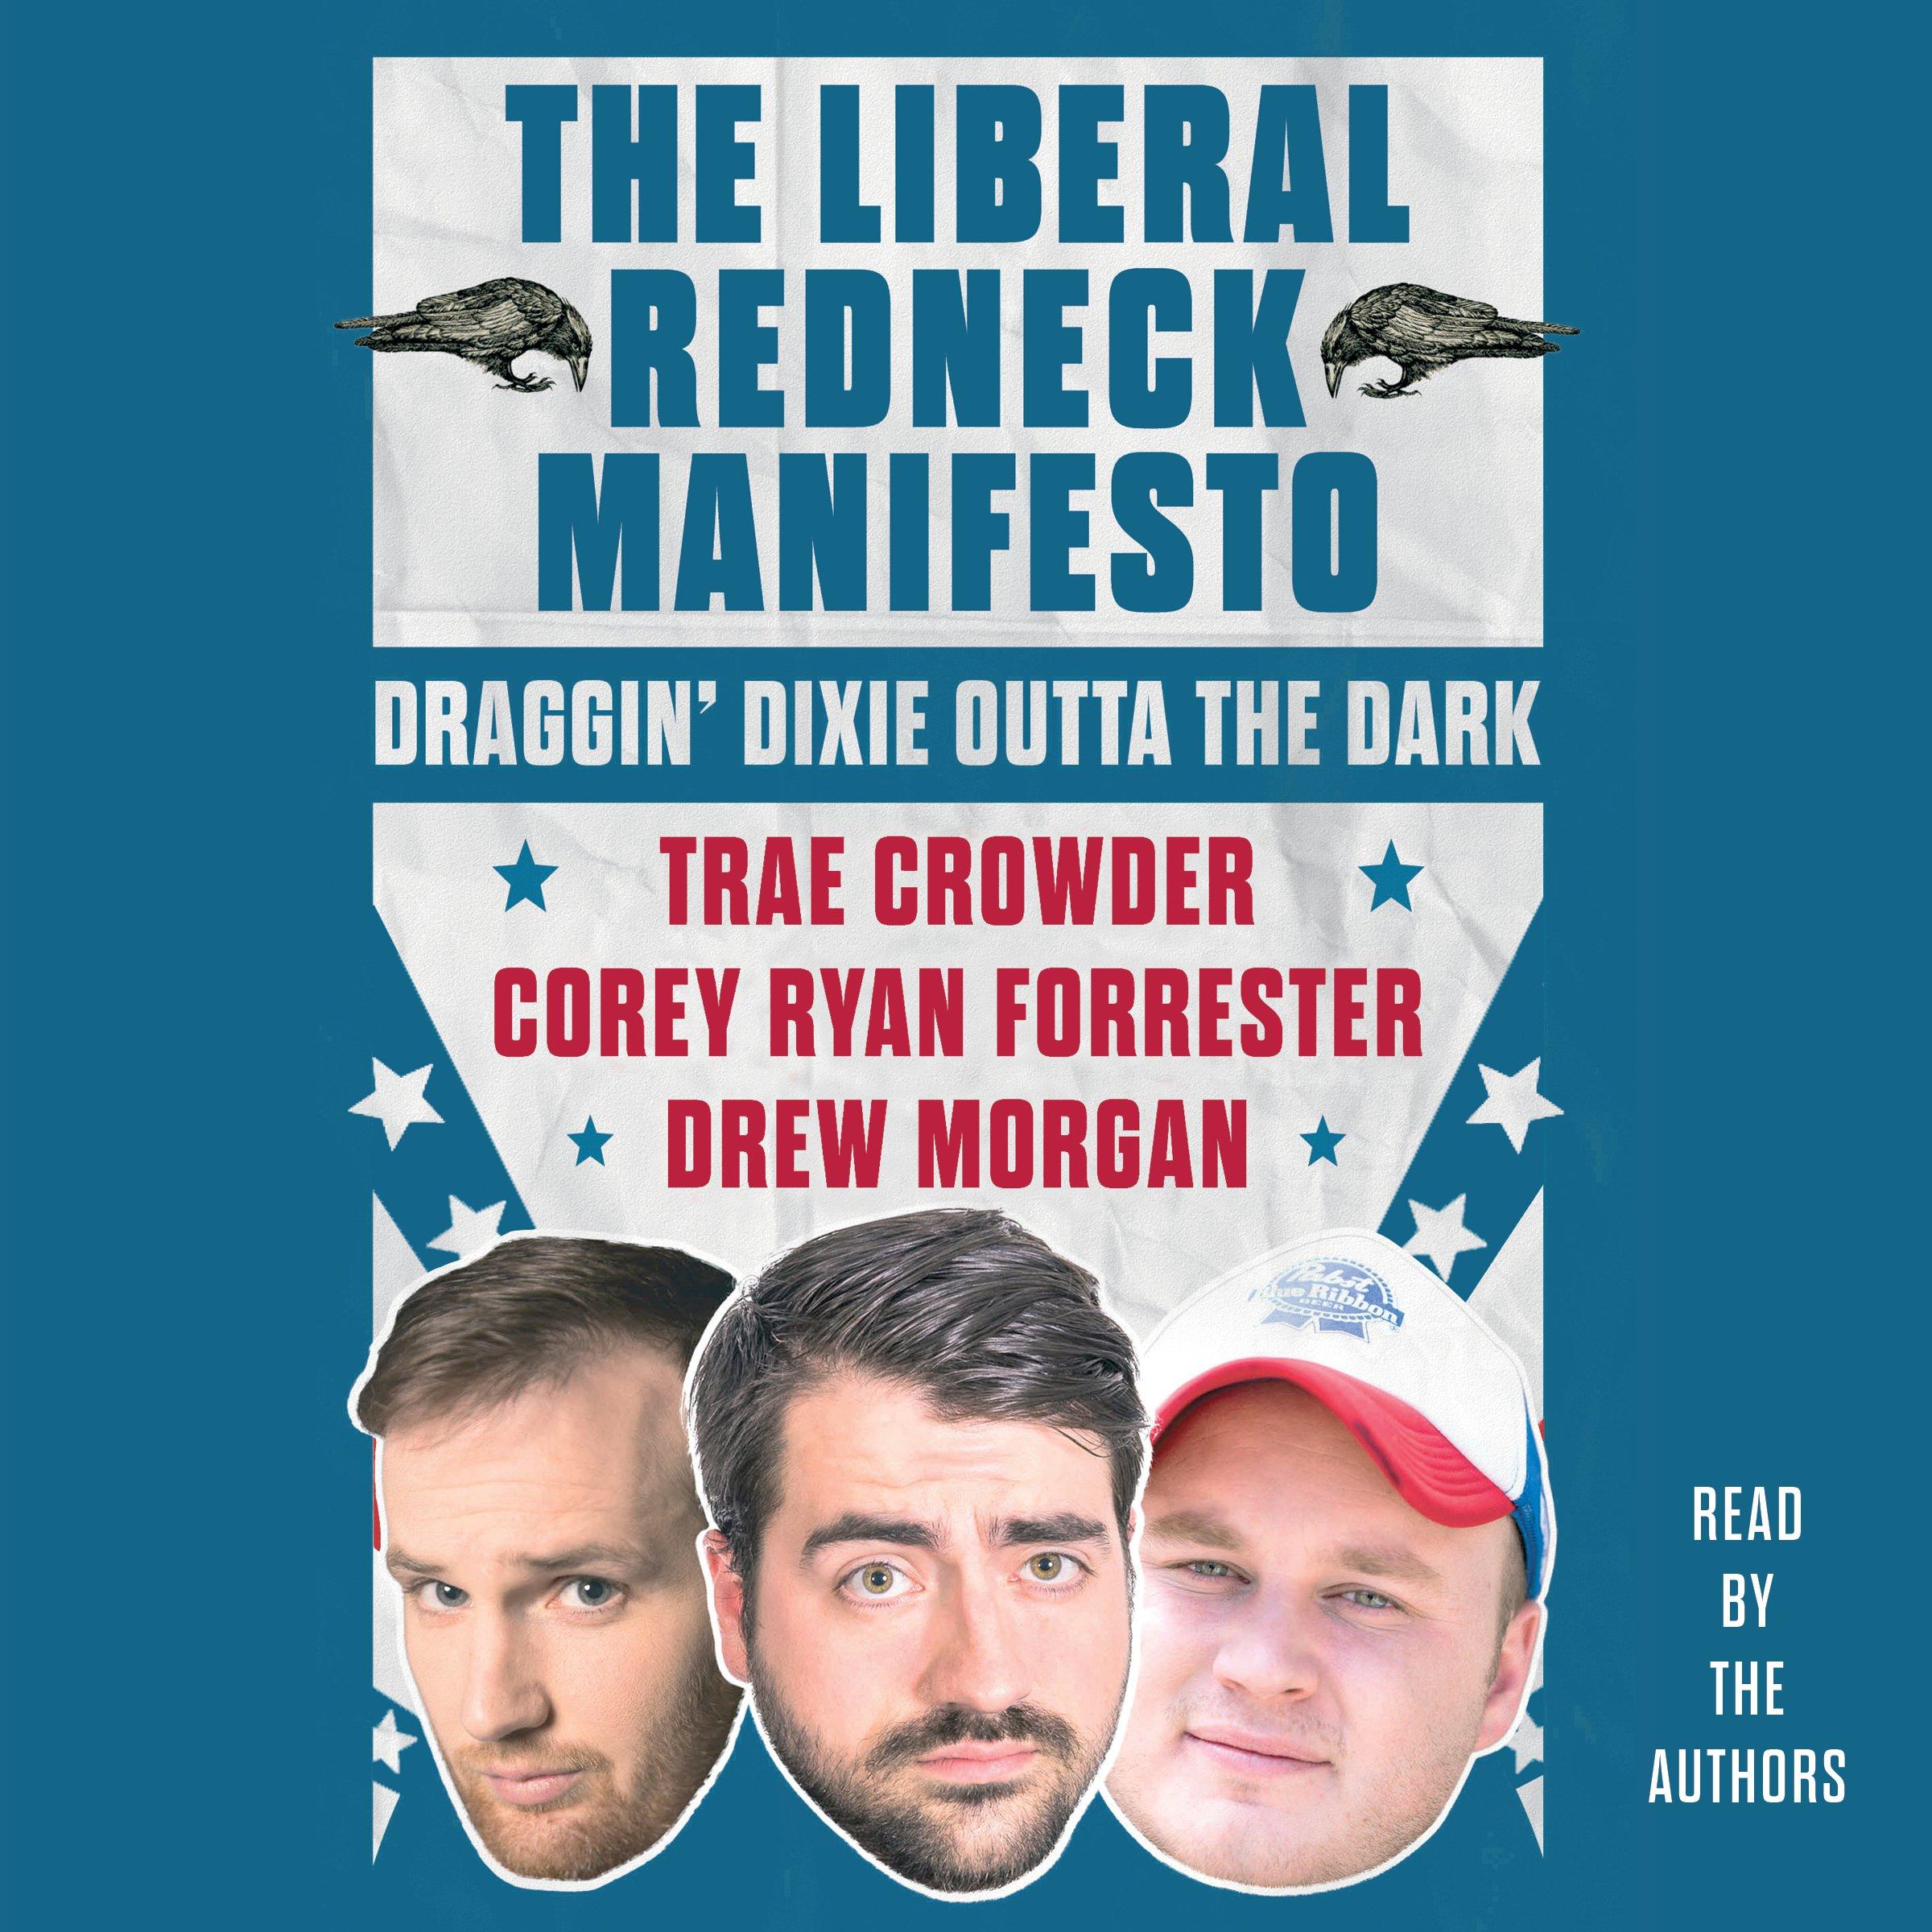 The Liberal Redneck Manifesto  Draggin' Dixie Outta The Dark